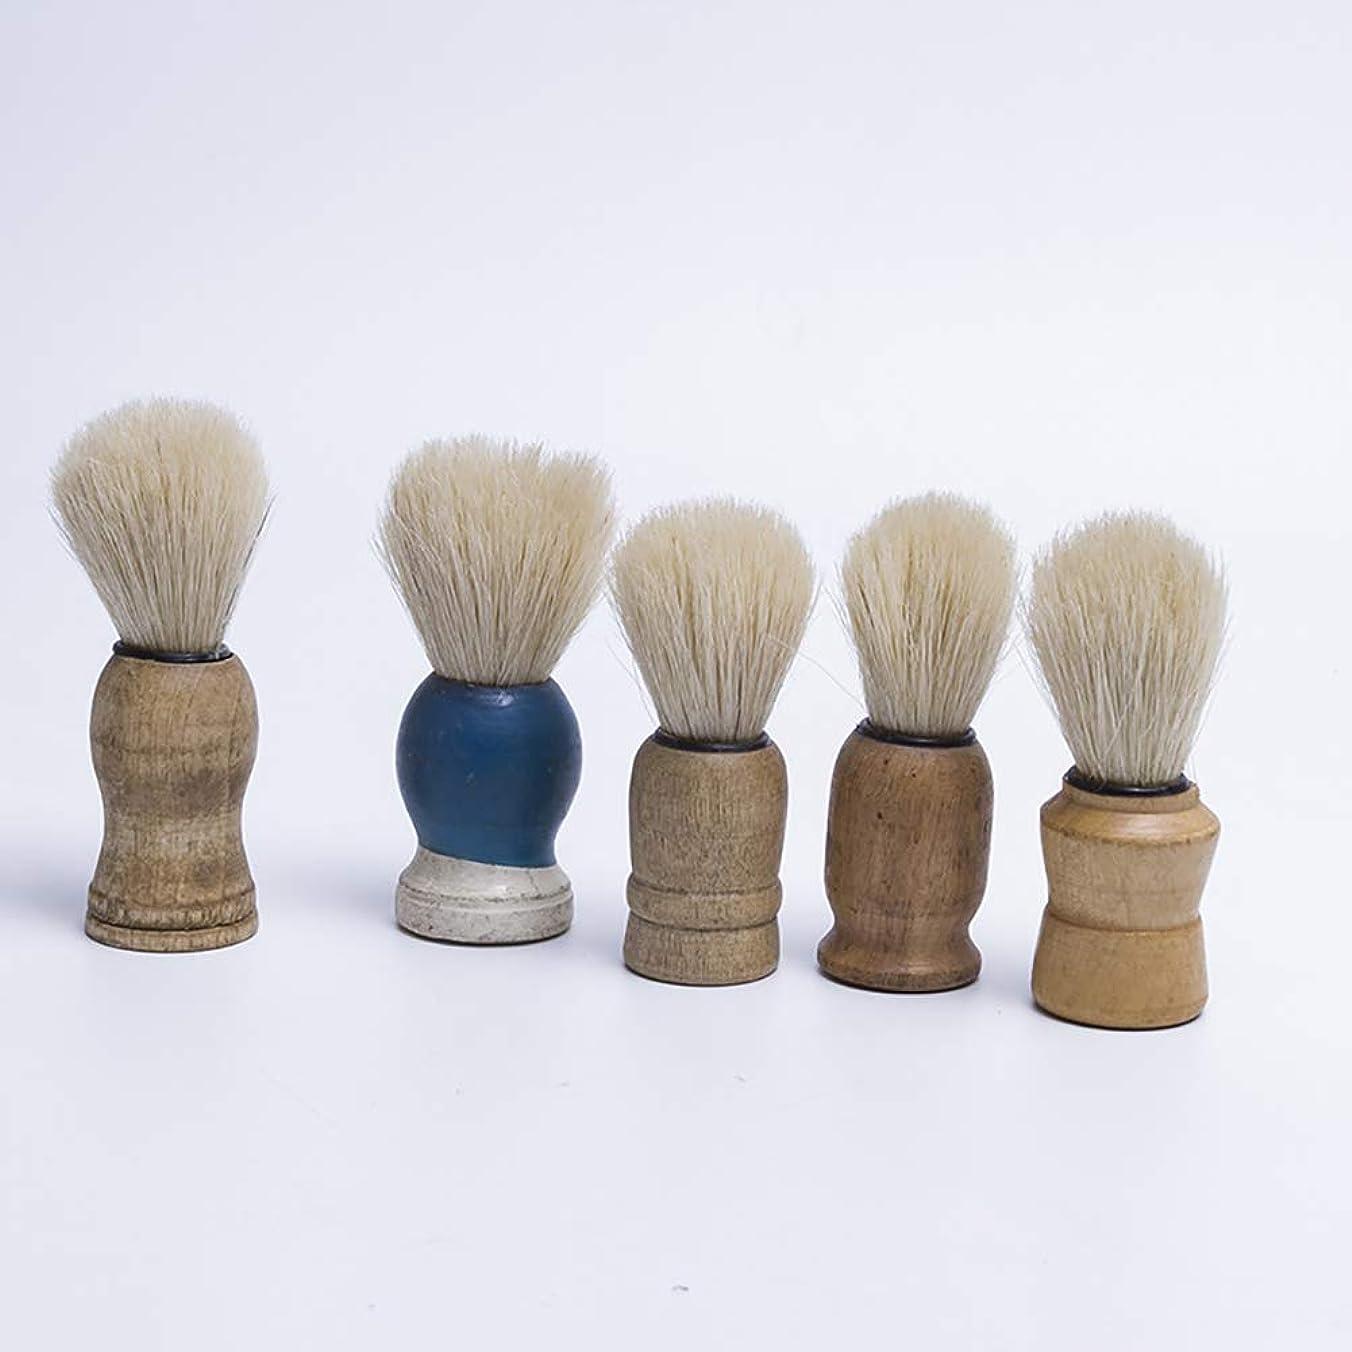 びっくりする単に魅力的であることへのアピールACHICOO 木製 ハンドルが付いている人 髭そり ブラシ 大広間 クリーニング 電気器具 剃毛用具 ブラシを剃っている人